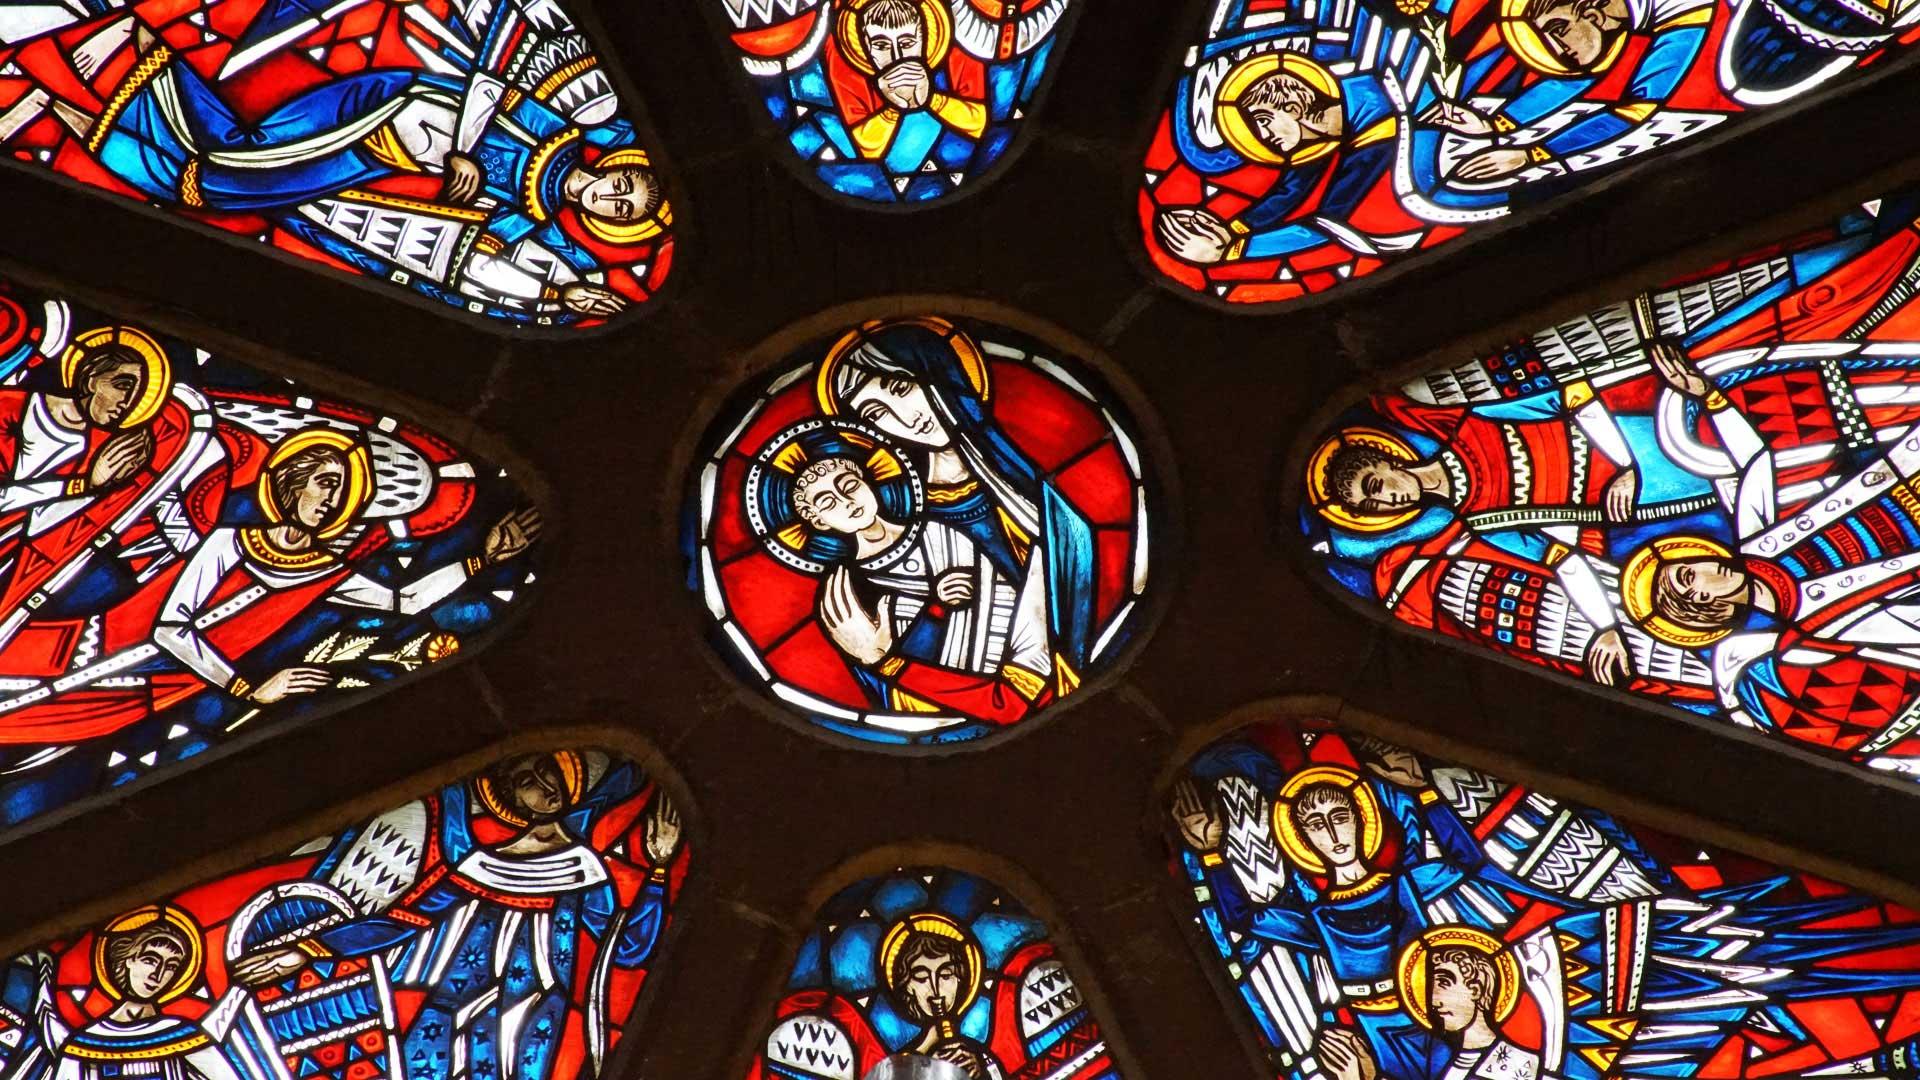 Seniorenzentrum-Bruder-Konrad-Stift-Mutterhauskirche-Marienschwestern-Fenster-1